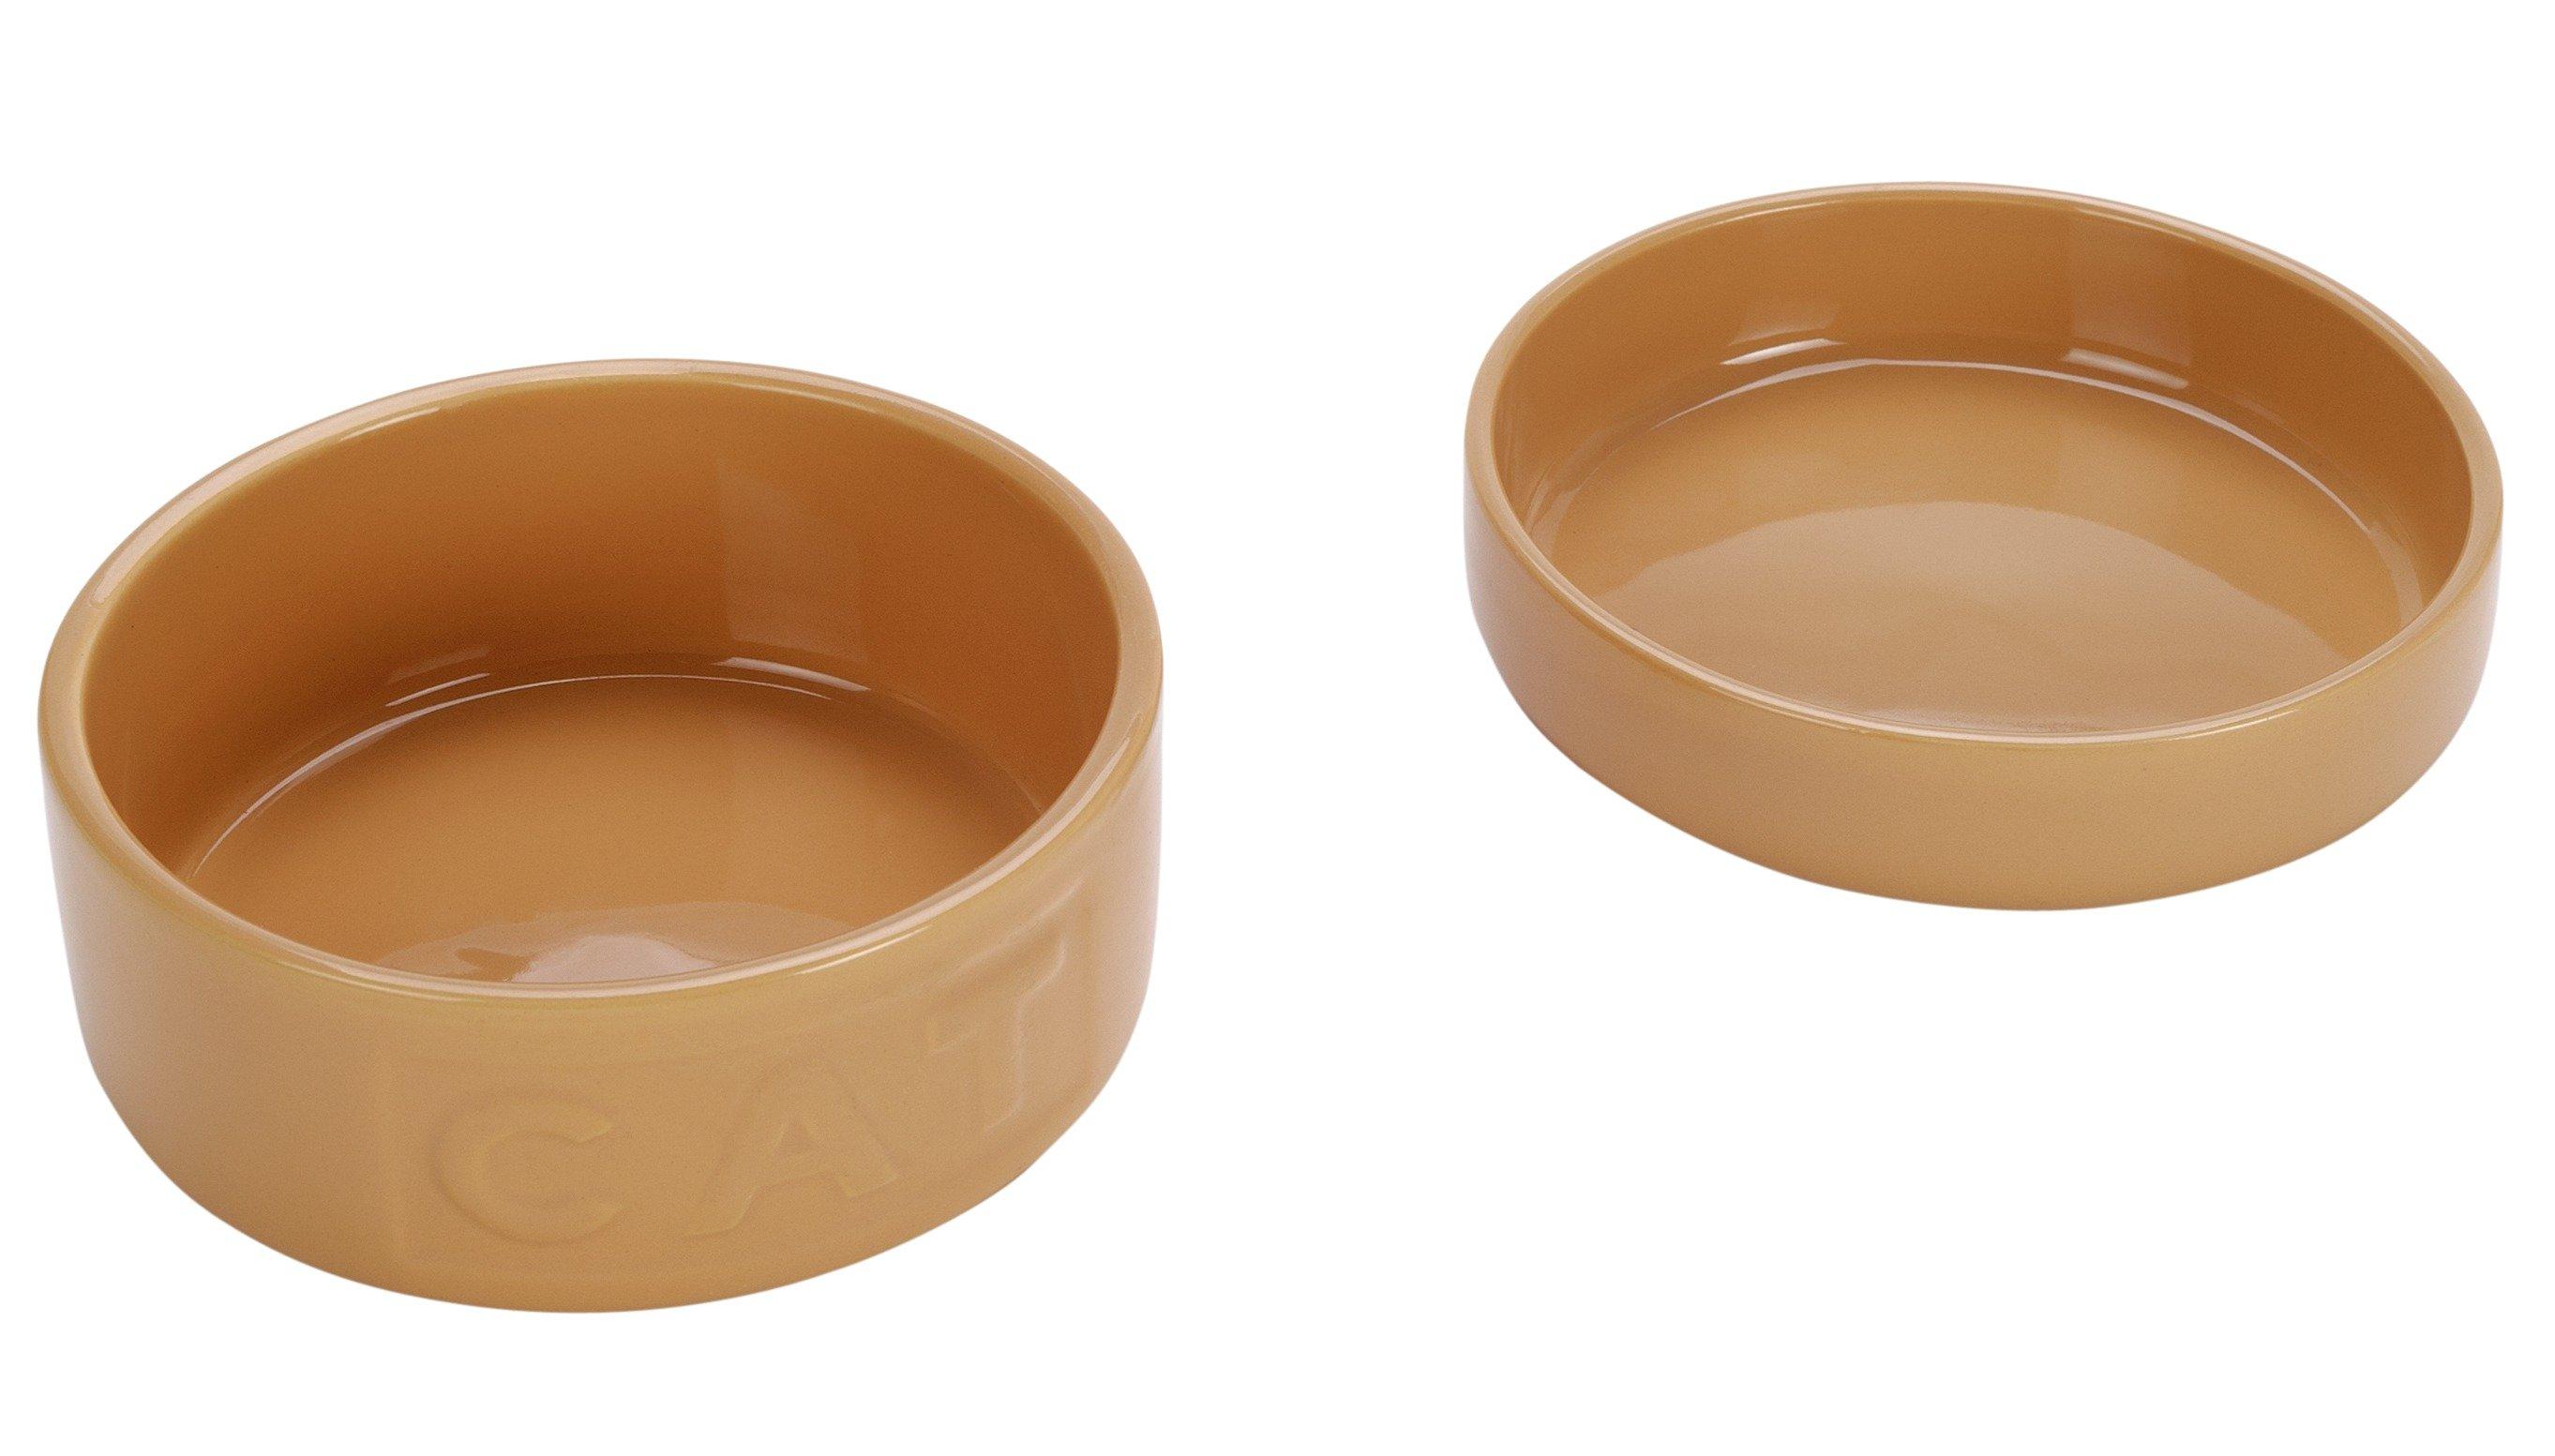 pet bowls designer homeware. Black Bedroom Furniture Sets. Home Design Ideas